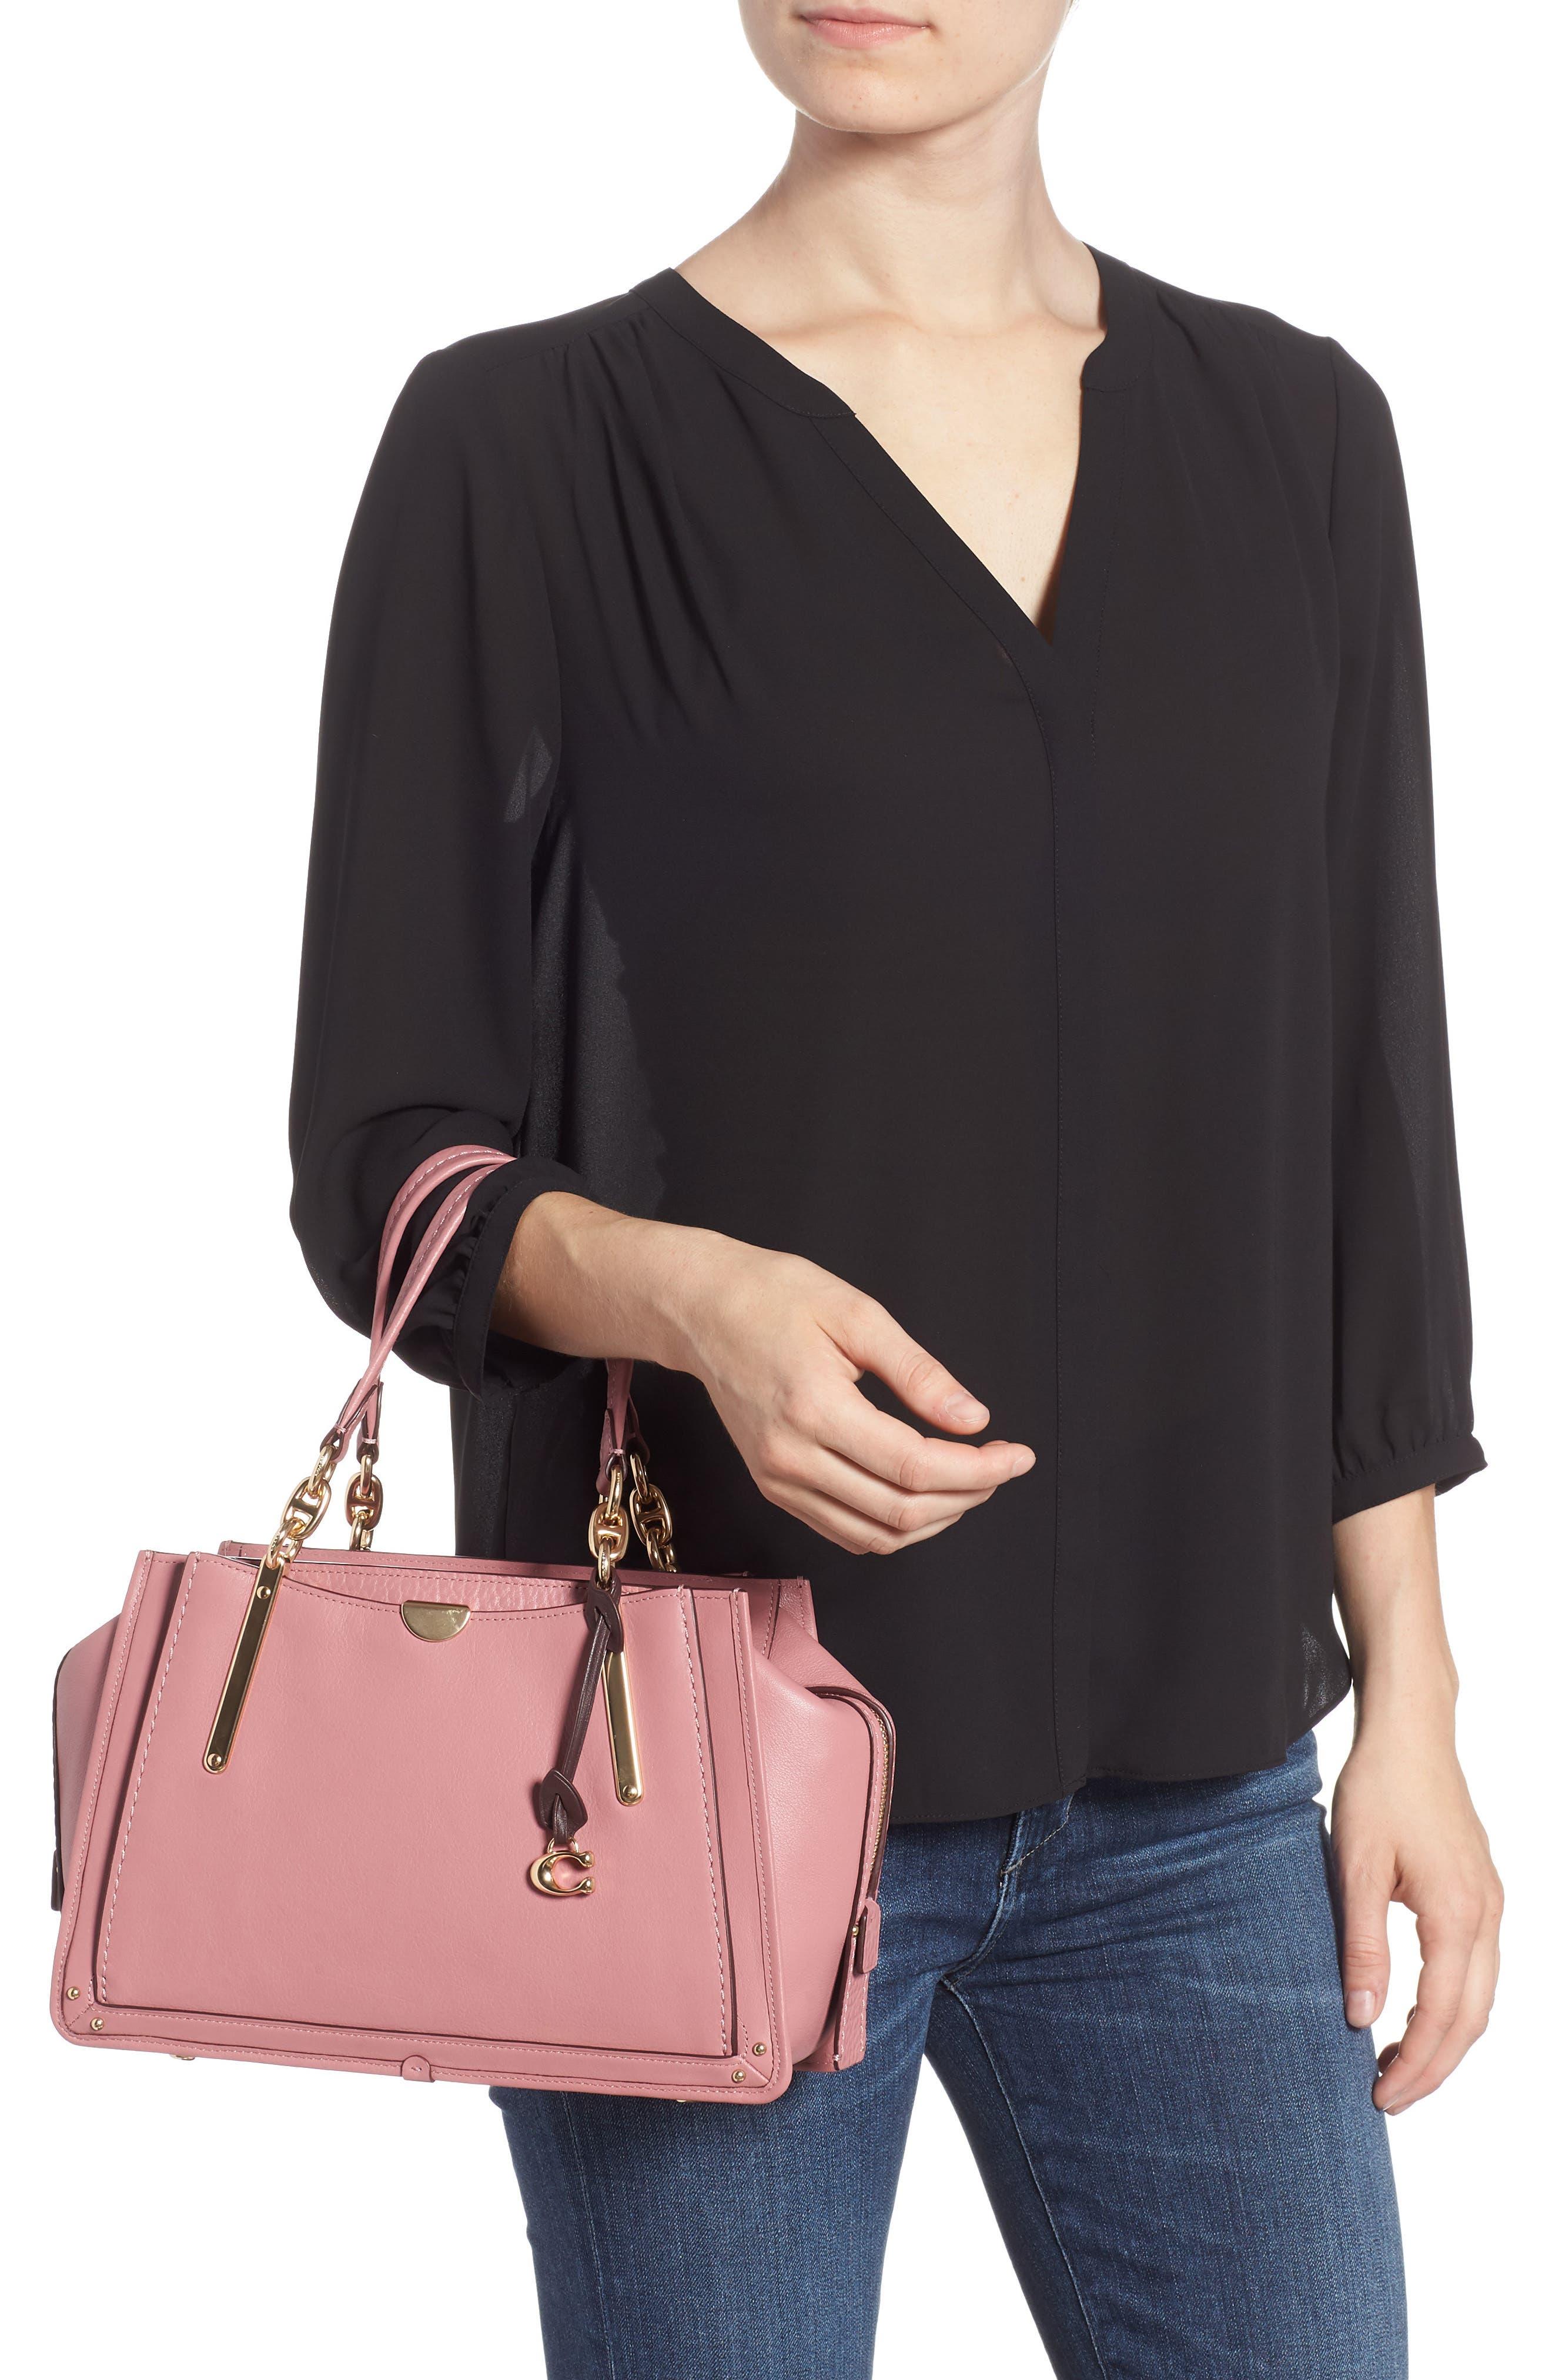 Dreamer Leather Handbag,                             Alternate thumbnail 2, color,                             ROSE MULTI